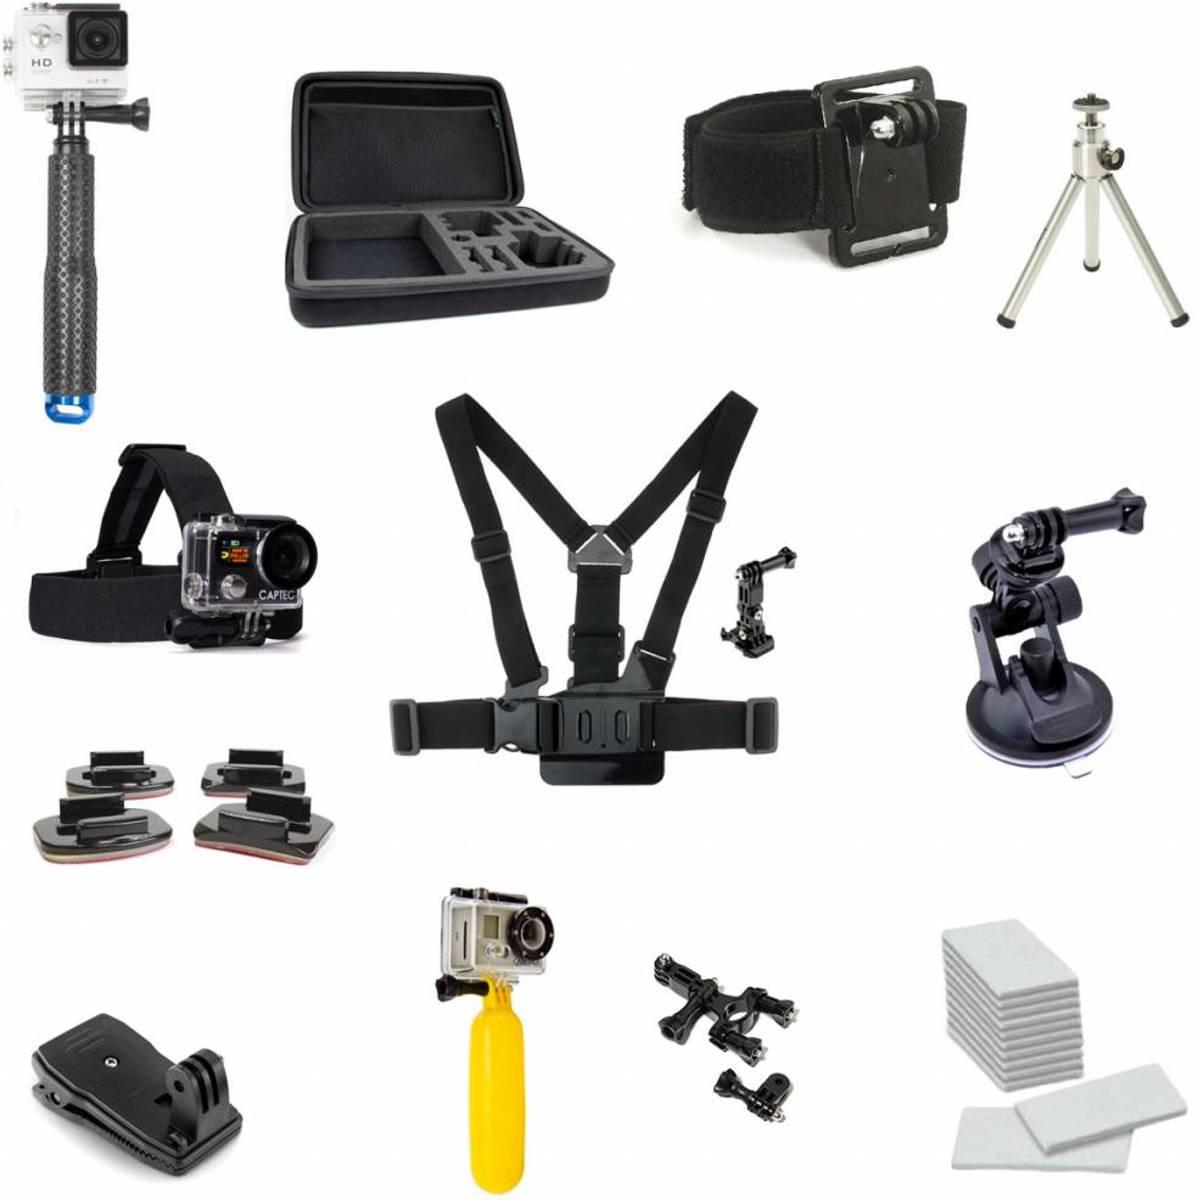 Captec - Gopro accessoires set - 10 - Uitgebreid Gopro Accessoires Kit - Met luxe GoPro Selfiestick Monopod - Geschikt voor o.a. GoPro Hero Accessoires - Gopro accessoires set hero 5 kopen